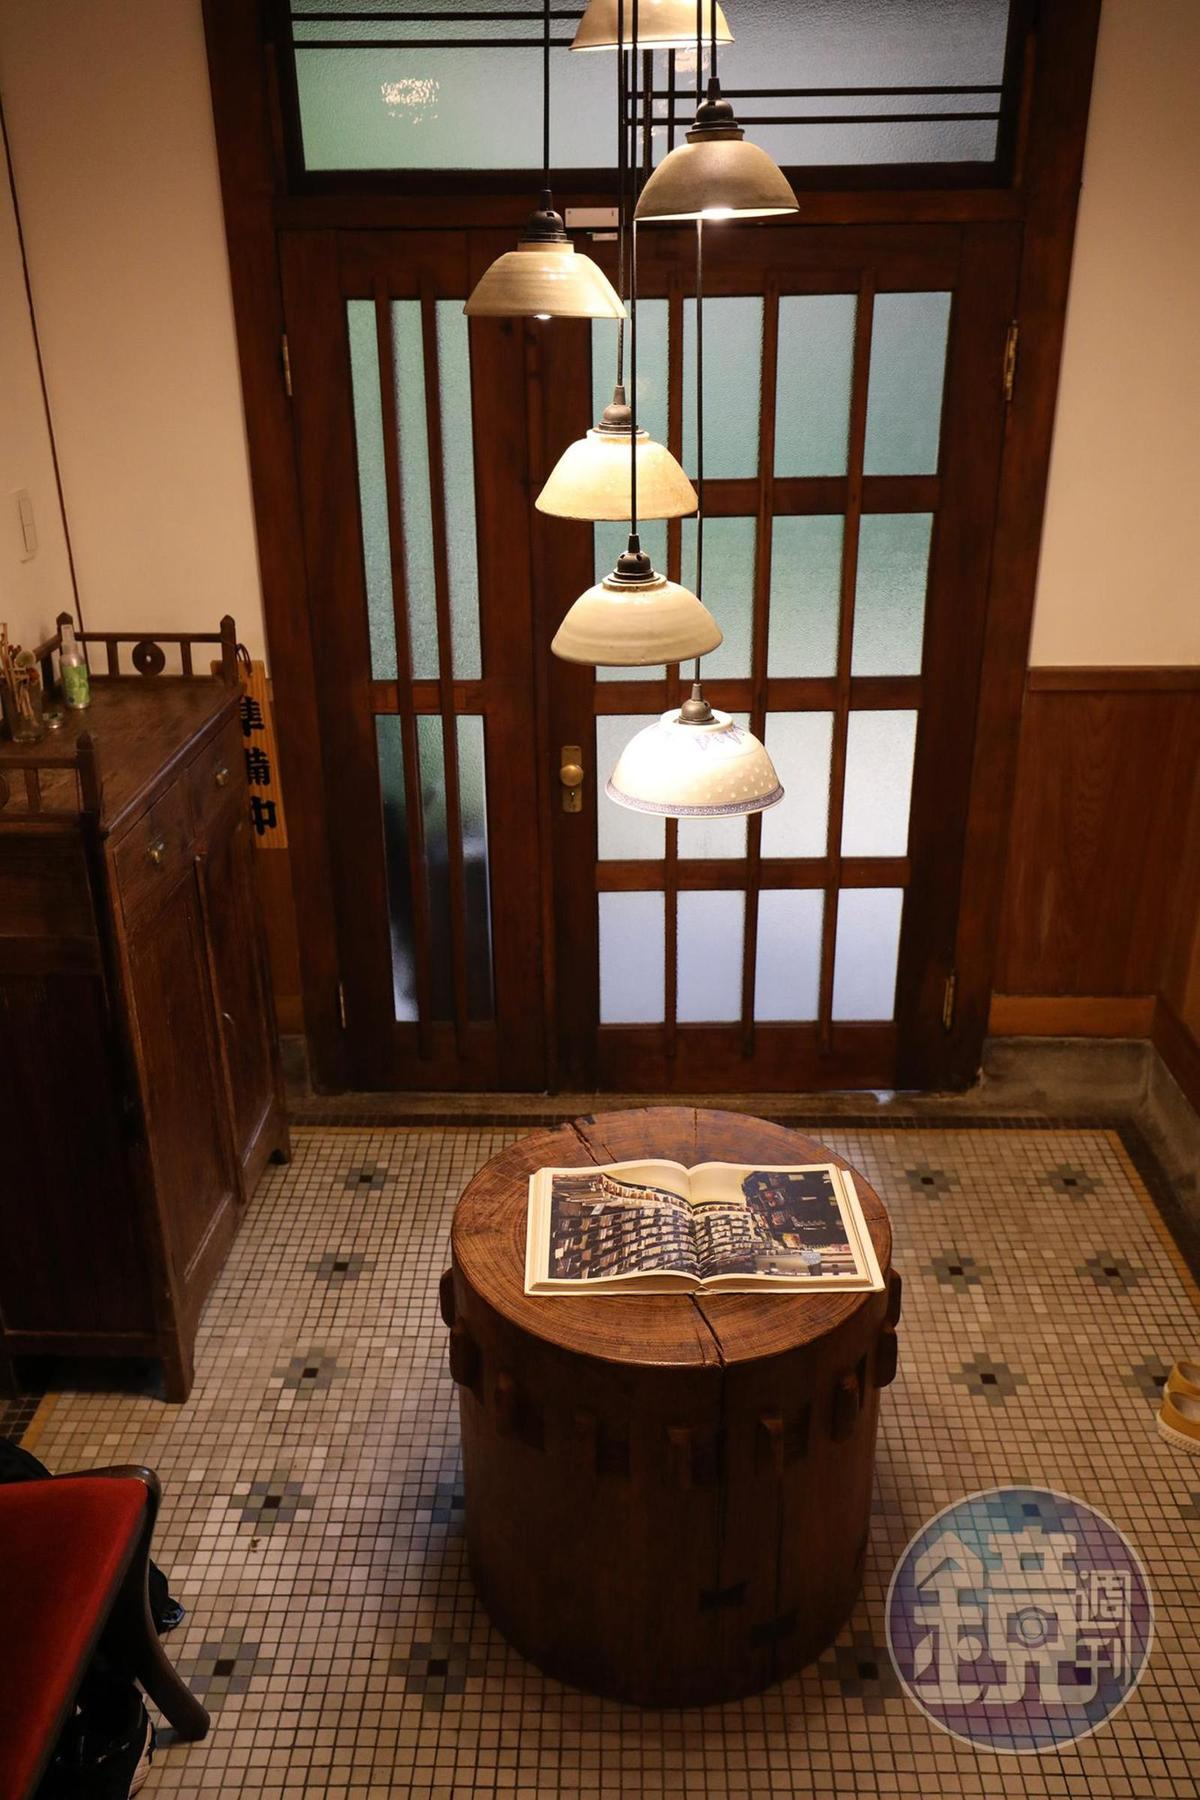 入口處玄關與地板磁磚,是這棟日式老屋保存最完整的一處。